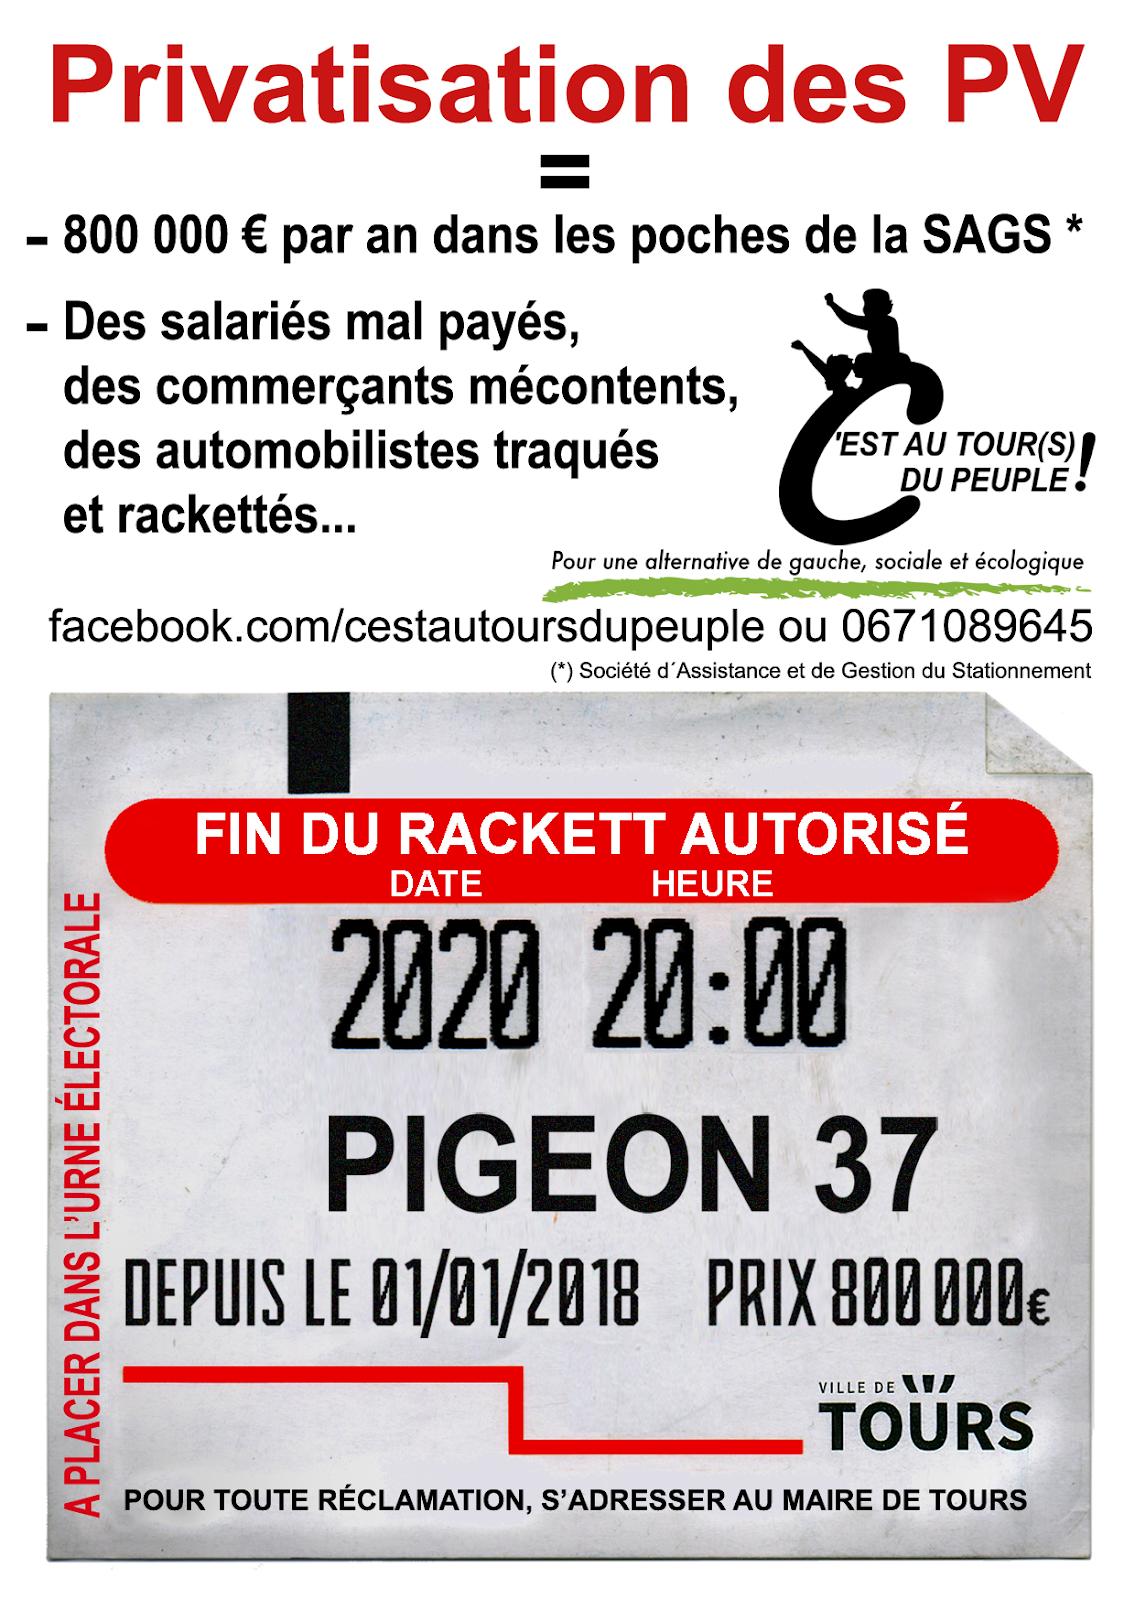 2018 Privatisation des PV A6 Q 72px vecto